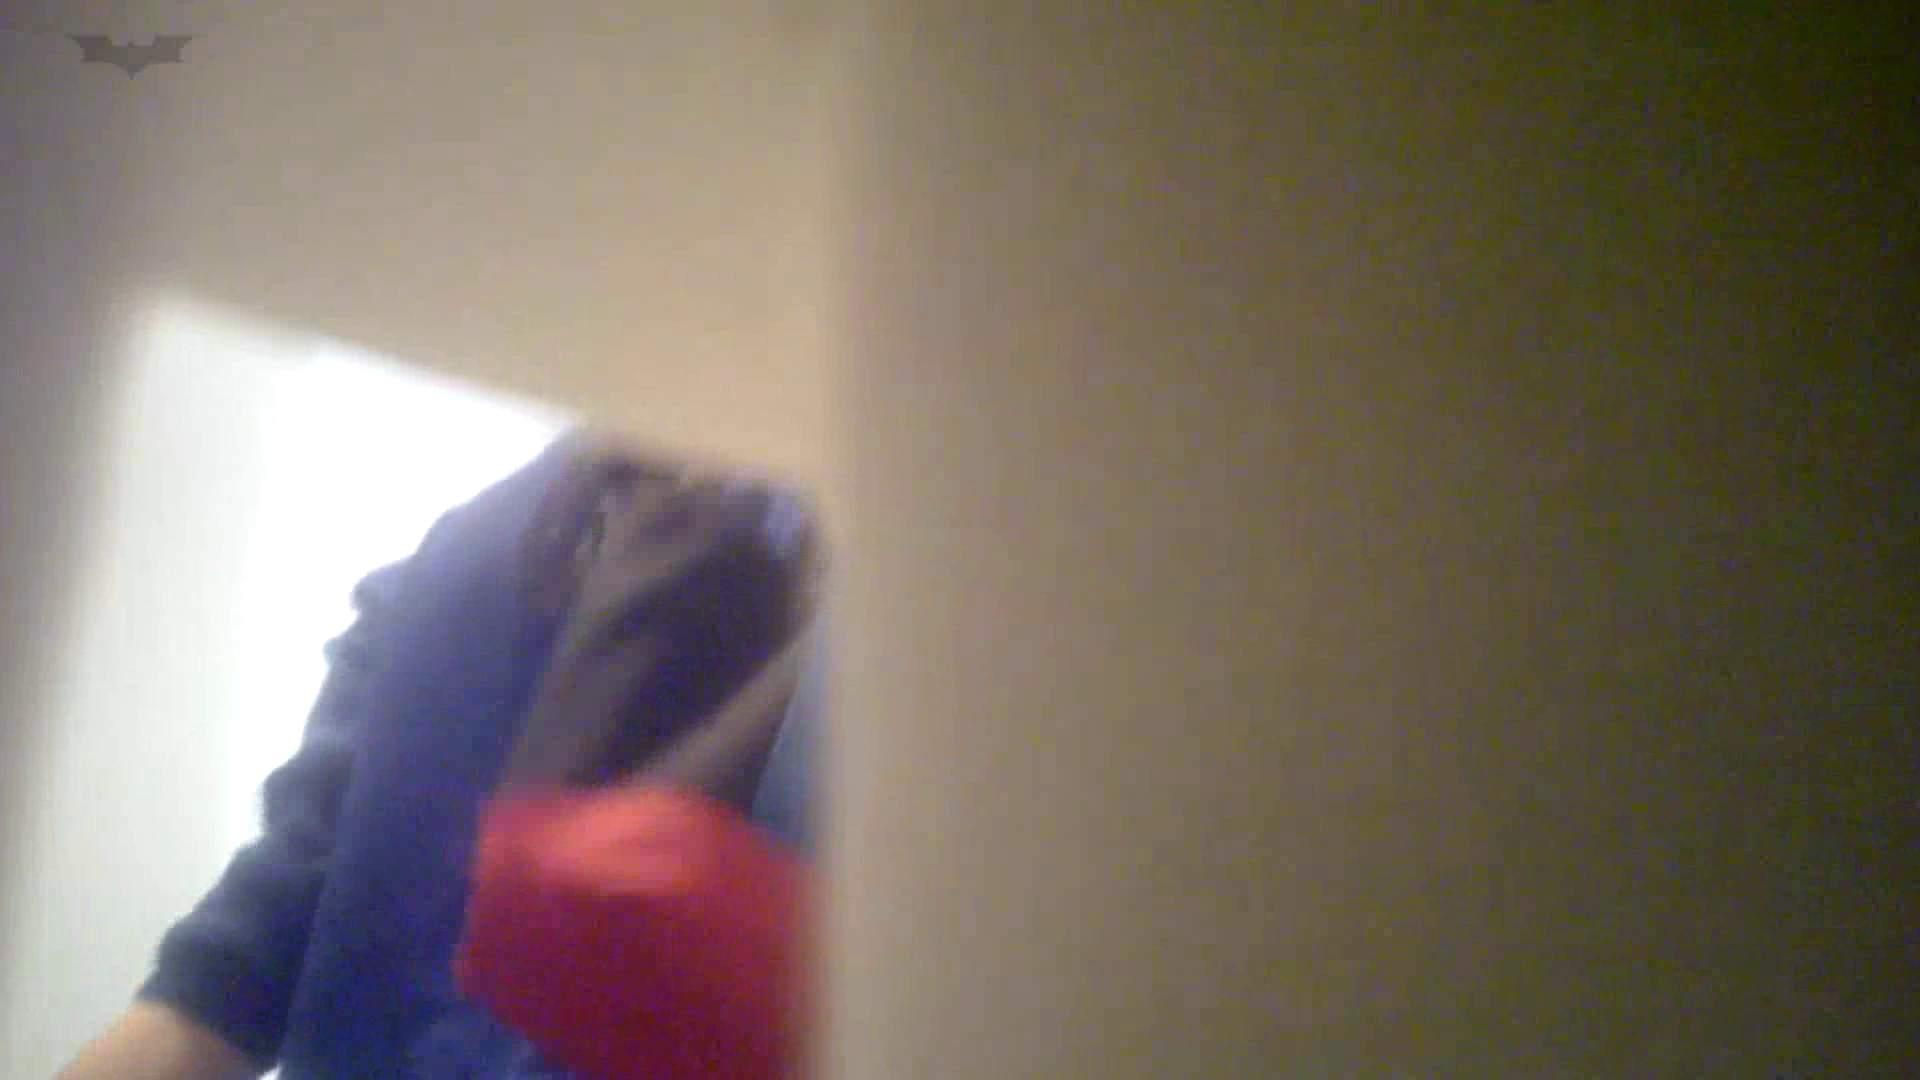 有名大学女性洗面所 vol.45 冴え渡る多方向撮影!職人技です。 潜入  98pic 30